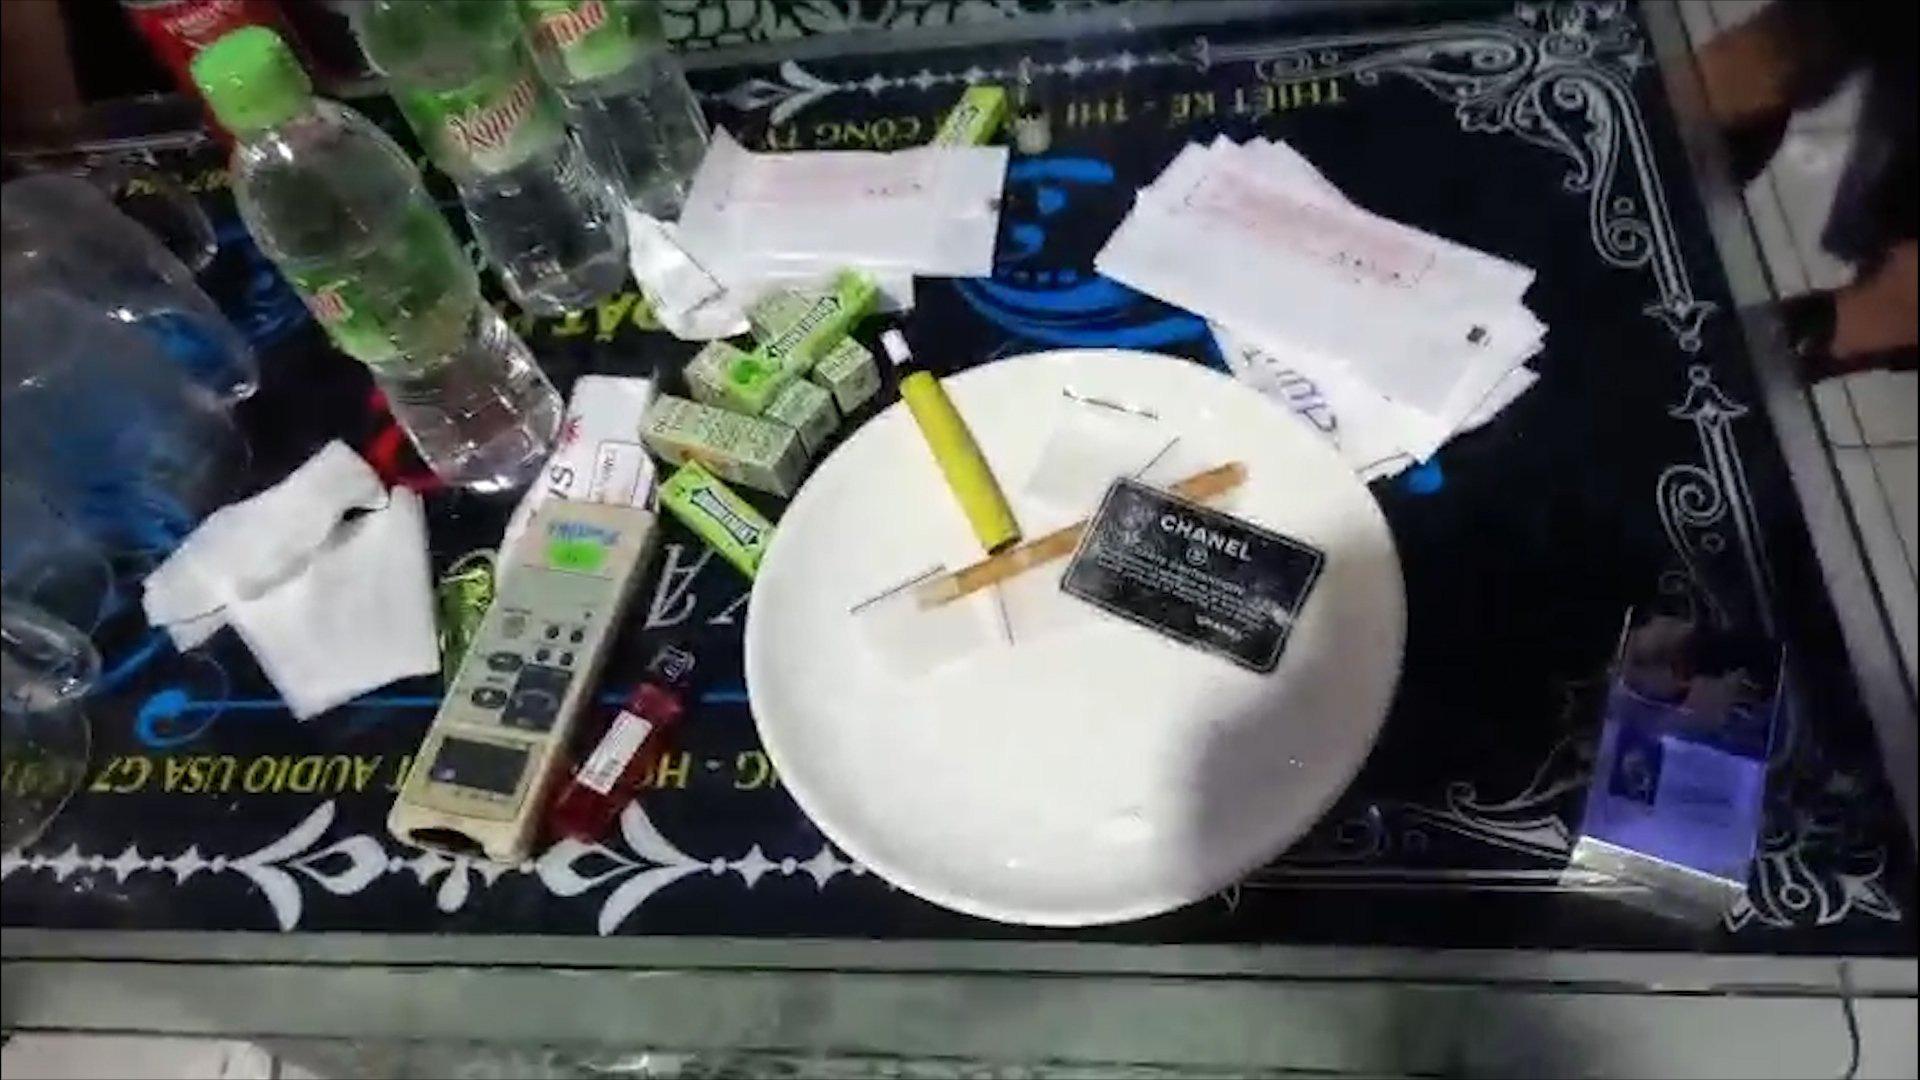 Kiểm tra quán Karaoke, phát hiện 16 đối tượng dương tính ma túy - Ảnh 3.